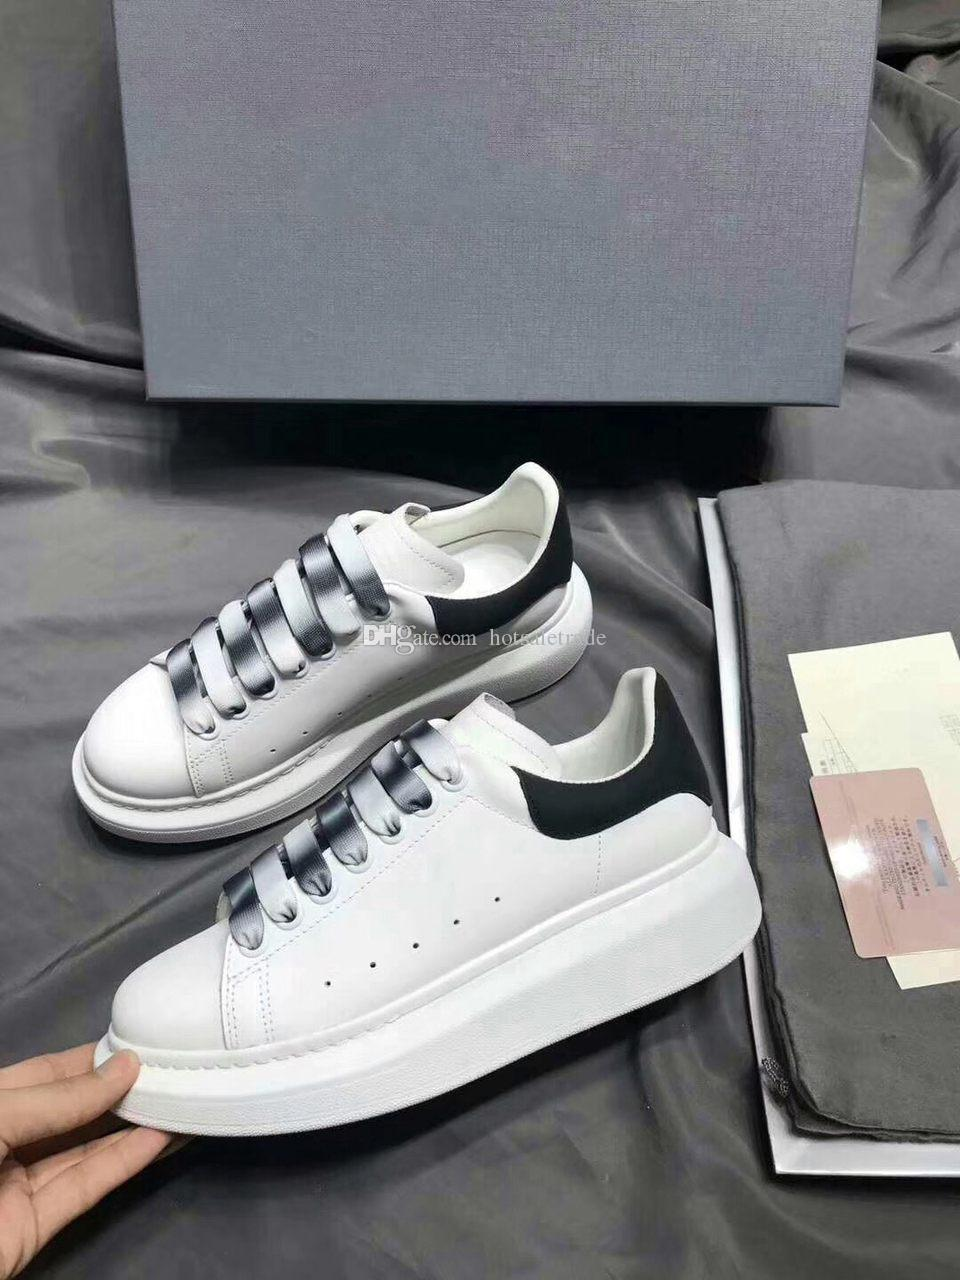 가죽 캐주얼 신발 새로운 색상 레이스 업 벨벳 CHAUSSURES 스니커즈 플랫폼 신발